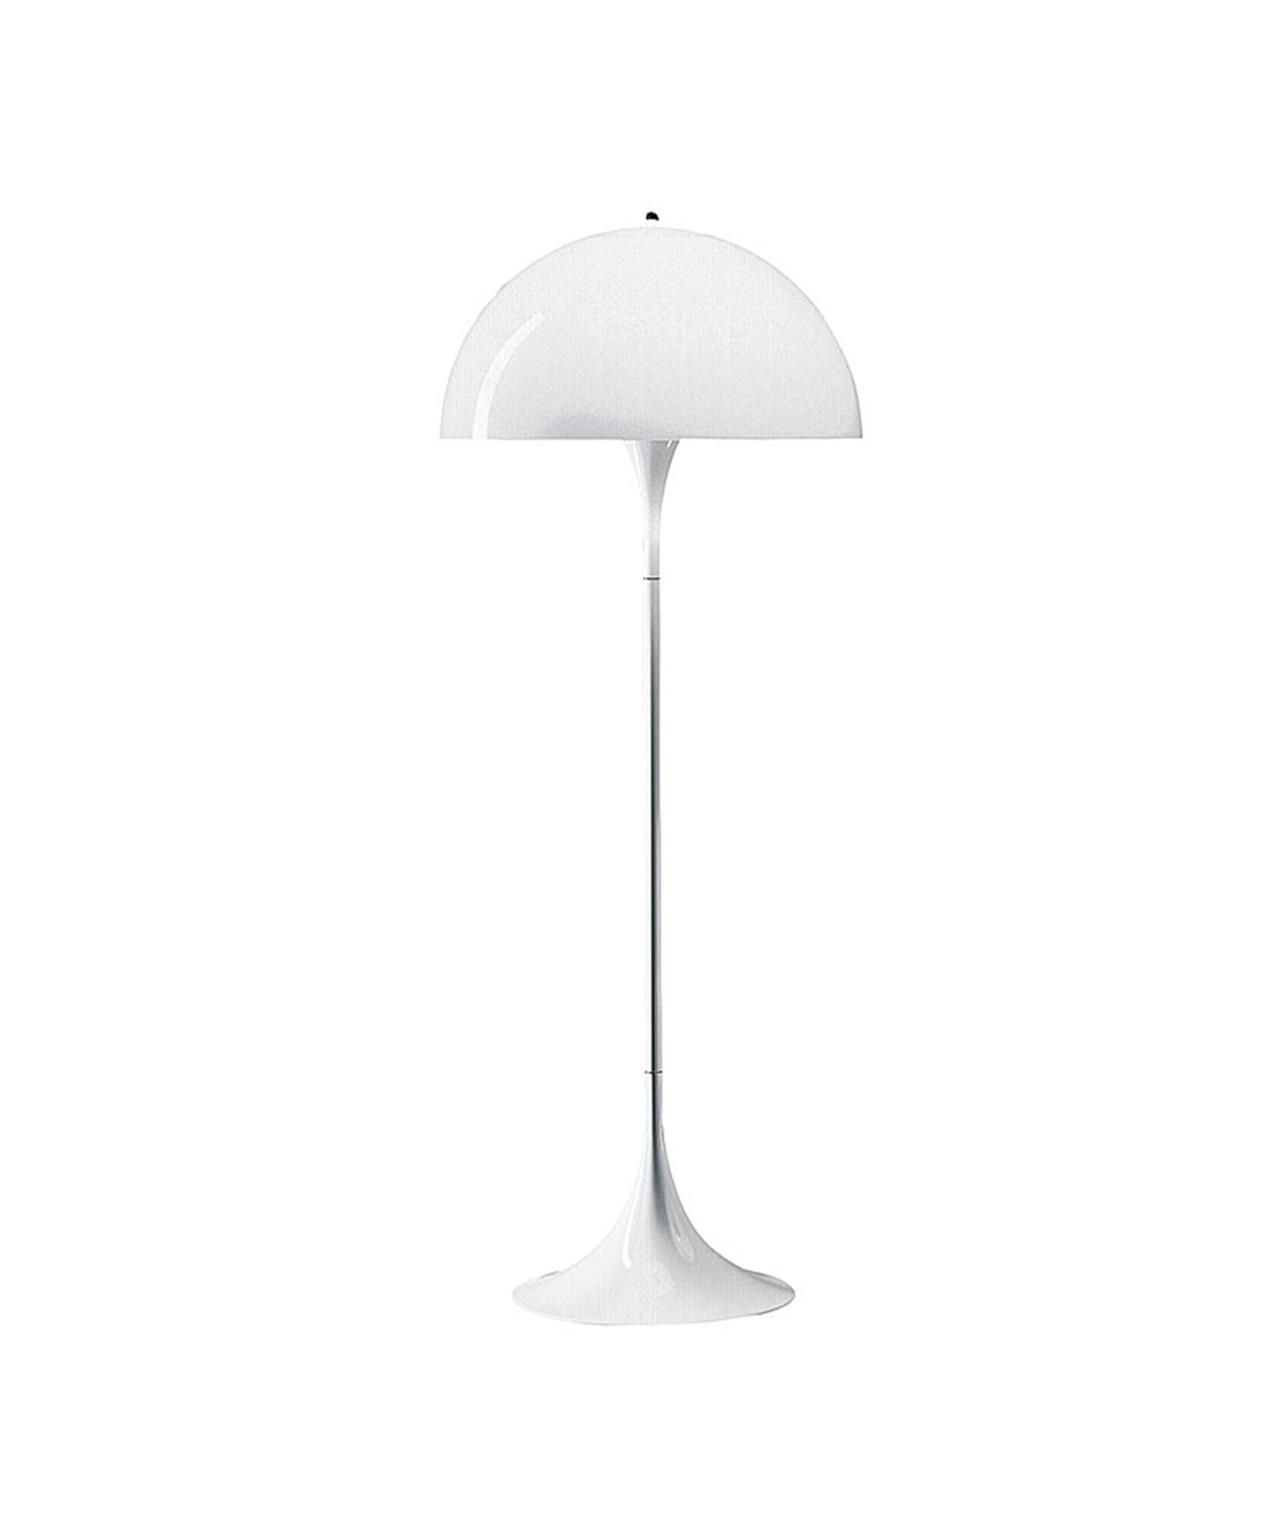 DesignVerner Panton for Louis Poulsen  Koncept Panthella bord- og gulvlampe er designet af Verner Panton i 1971 og er stadig en af hans mest populære lamper. Lampens organiske form, ligesom de mange stærke farver, lampen oprindeligt blev lanceret i, er typisk for Verner Pantons design. Verner Panton ønskede at skabe en lampe, hvor både foden og skærmen fungerer som en lysreflektor. Tidligere blev lampen produceret i flere farver. I dag fås den i hvid. Super klassisk lampe som stadig holder sig ung og tidsløs, en lampe der stadig er meget populær. Lampen er designet i 1971 hvor fod og skærm er skabt så de begge reflekterer lyset. Her kan den gamle sætning om form der møder funktion virkeligt komme til sin ret. Panthella Gulv har en organisk og afbalanceret form designet af Verner Panton. Panthella gulvlampen giver et diffust og behageligt lys. Afbryderen er en on/off afbryder.